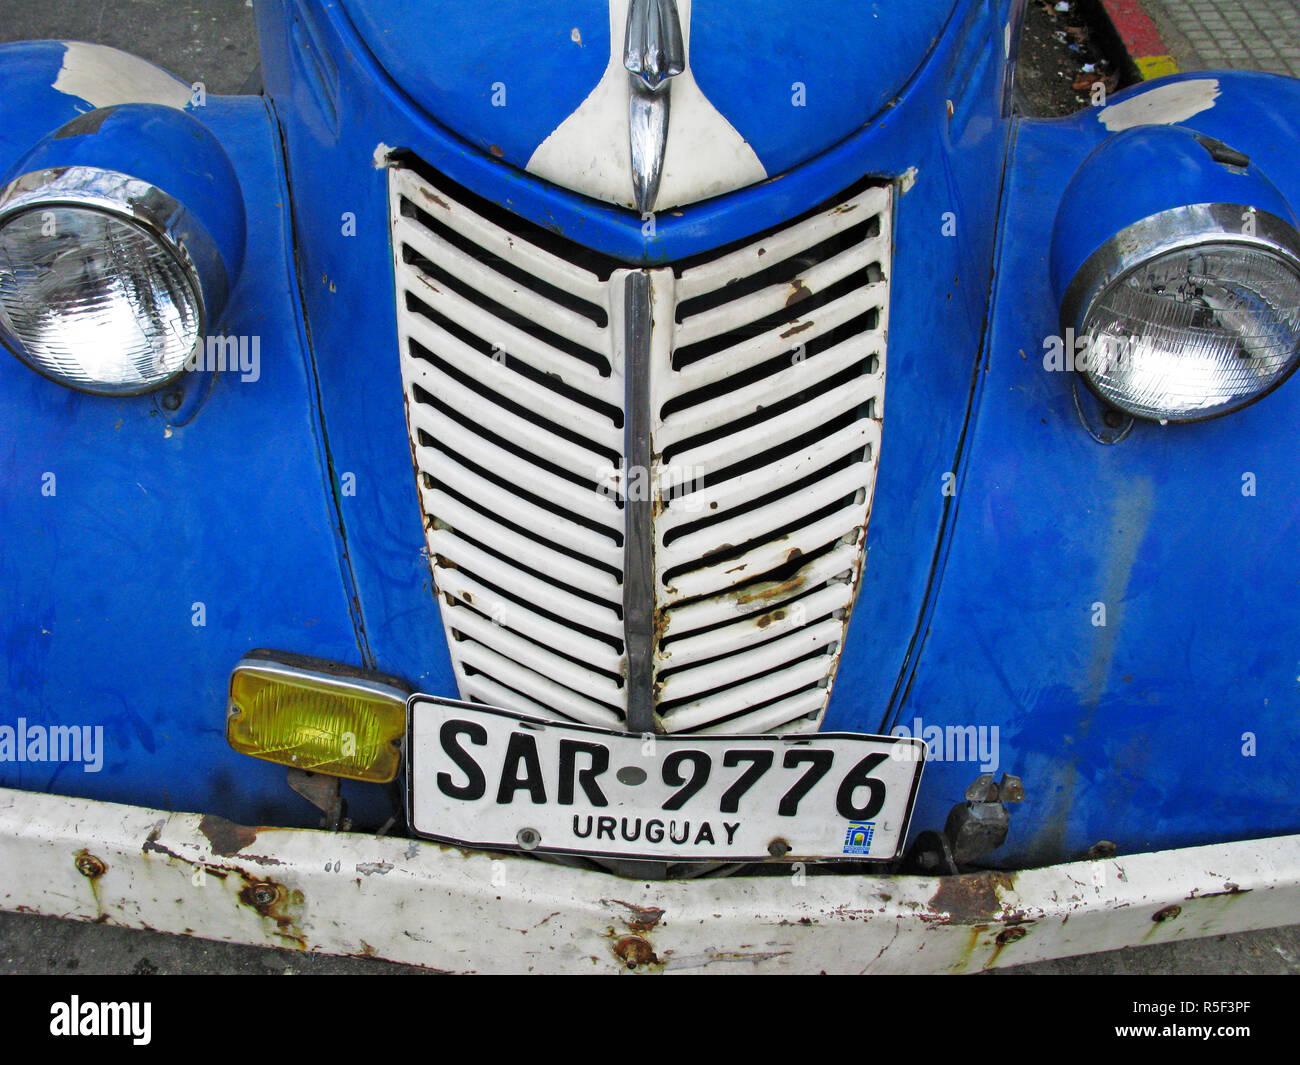 Vieille voiture colorée. Montevideo, Uruguay Photo Stock